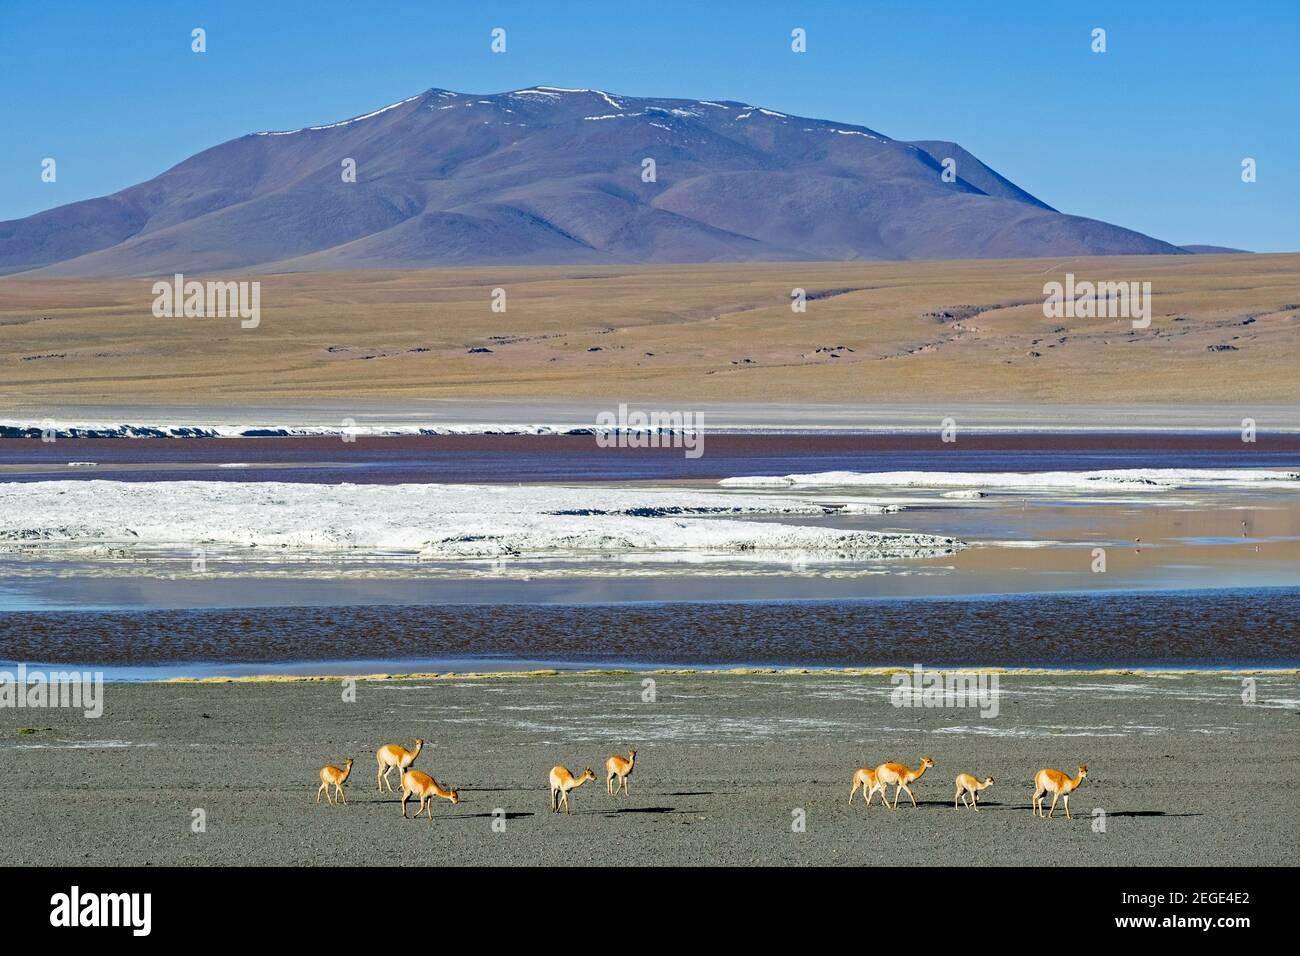 Vicuñas (Vicugna vicugna) on the shore of the Laguna Colorada / Red Lagoon, salt lake in the Eduardo Avaroa Andean Fauna National Reserve, Bolivia Stock Photo